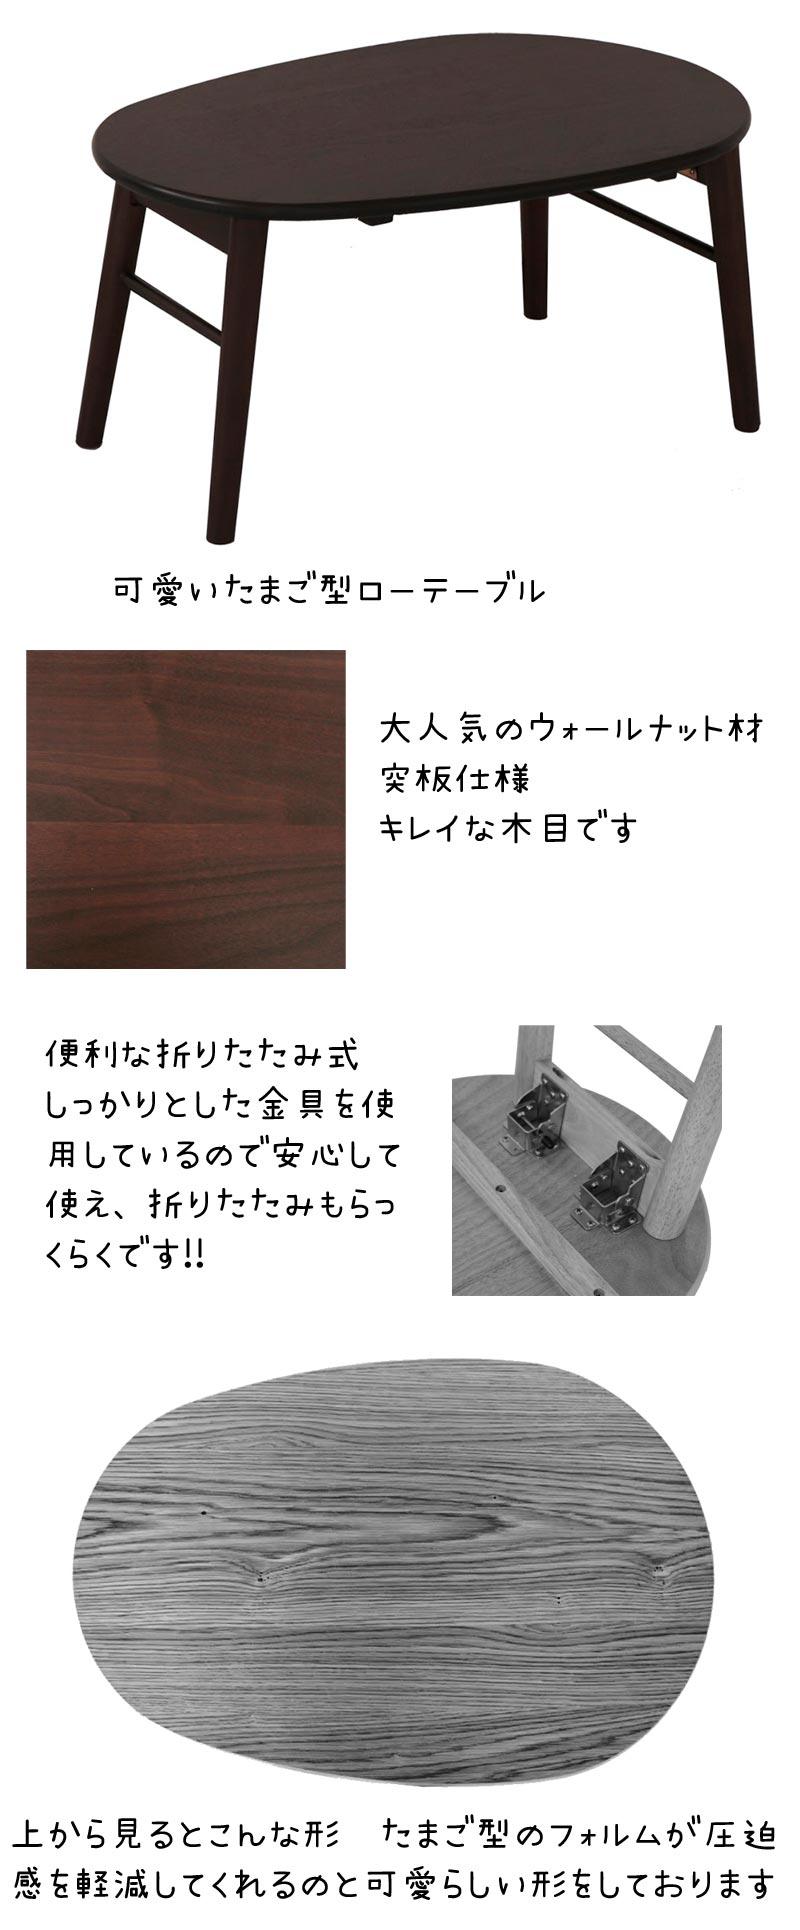 エッグ折りたたみテーブル商品ページ